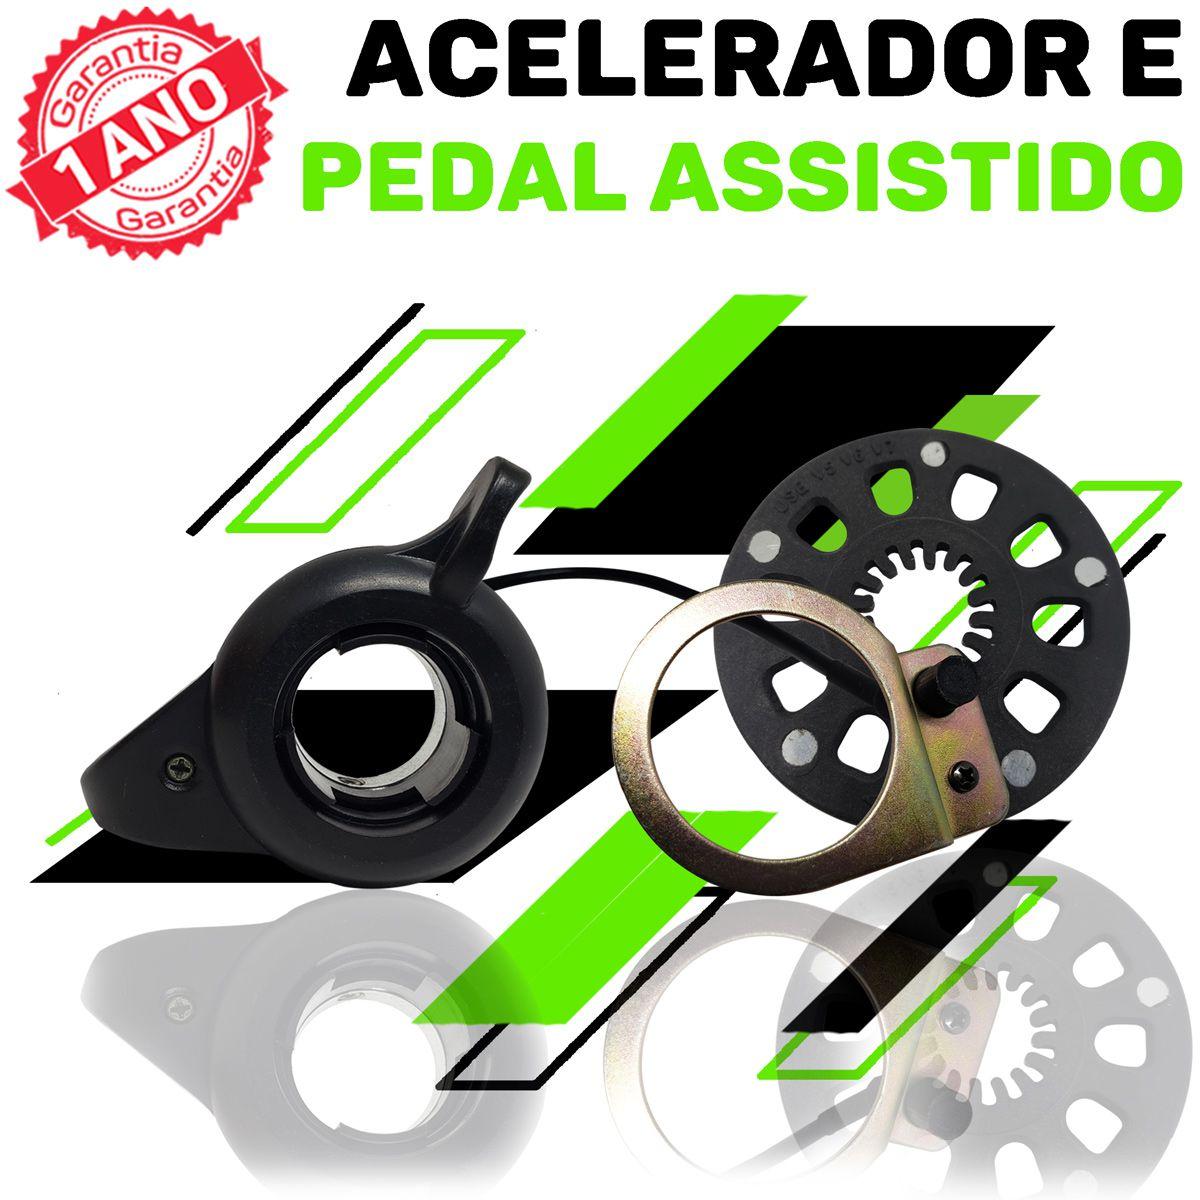 Bicicleta Elétrica Aro 29 Bateria de LÍTIO TecFashion